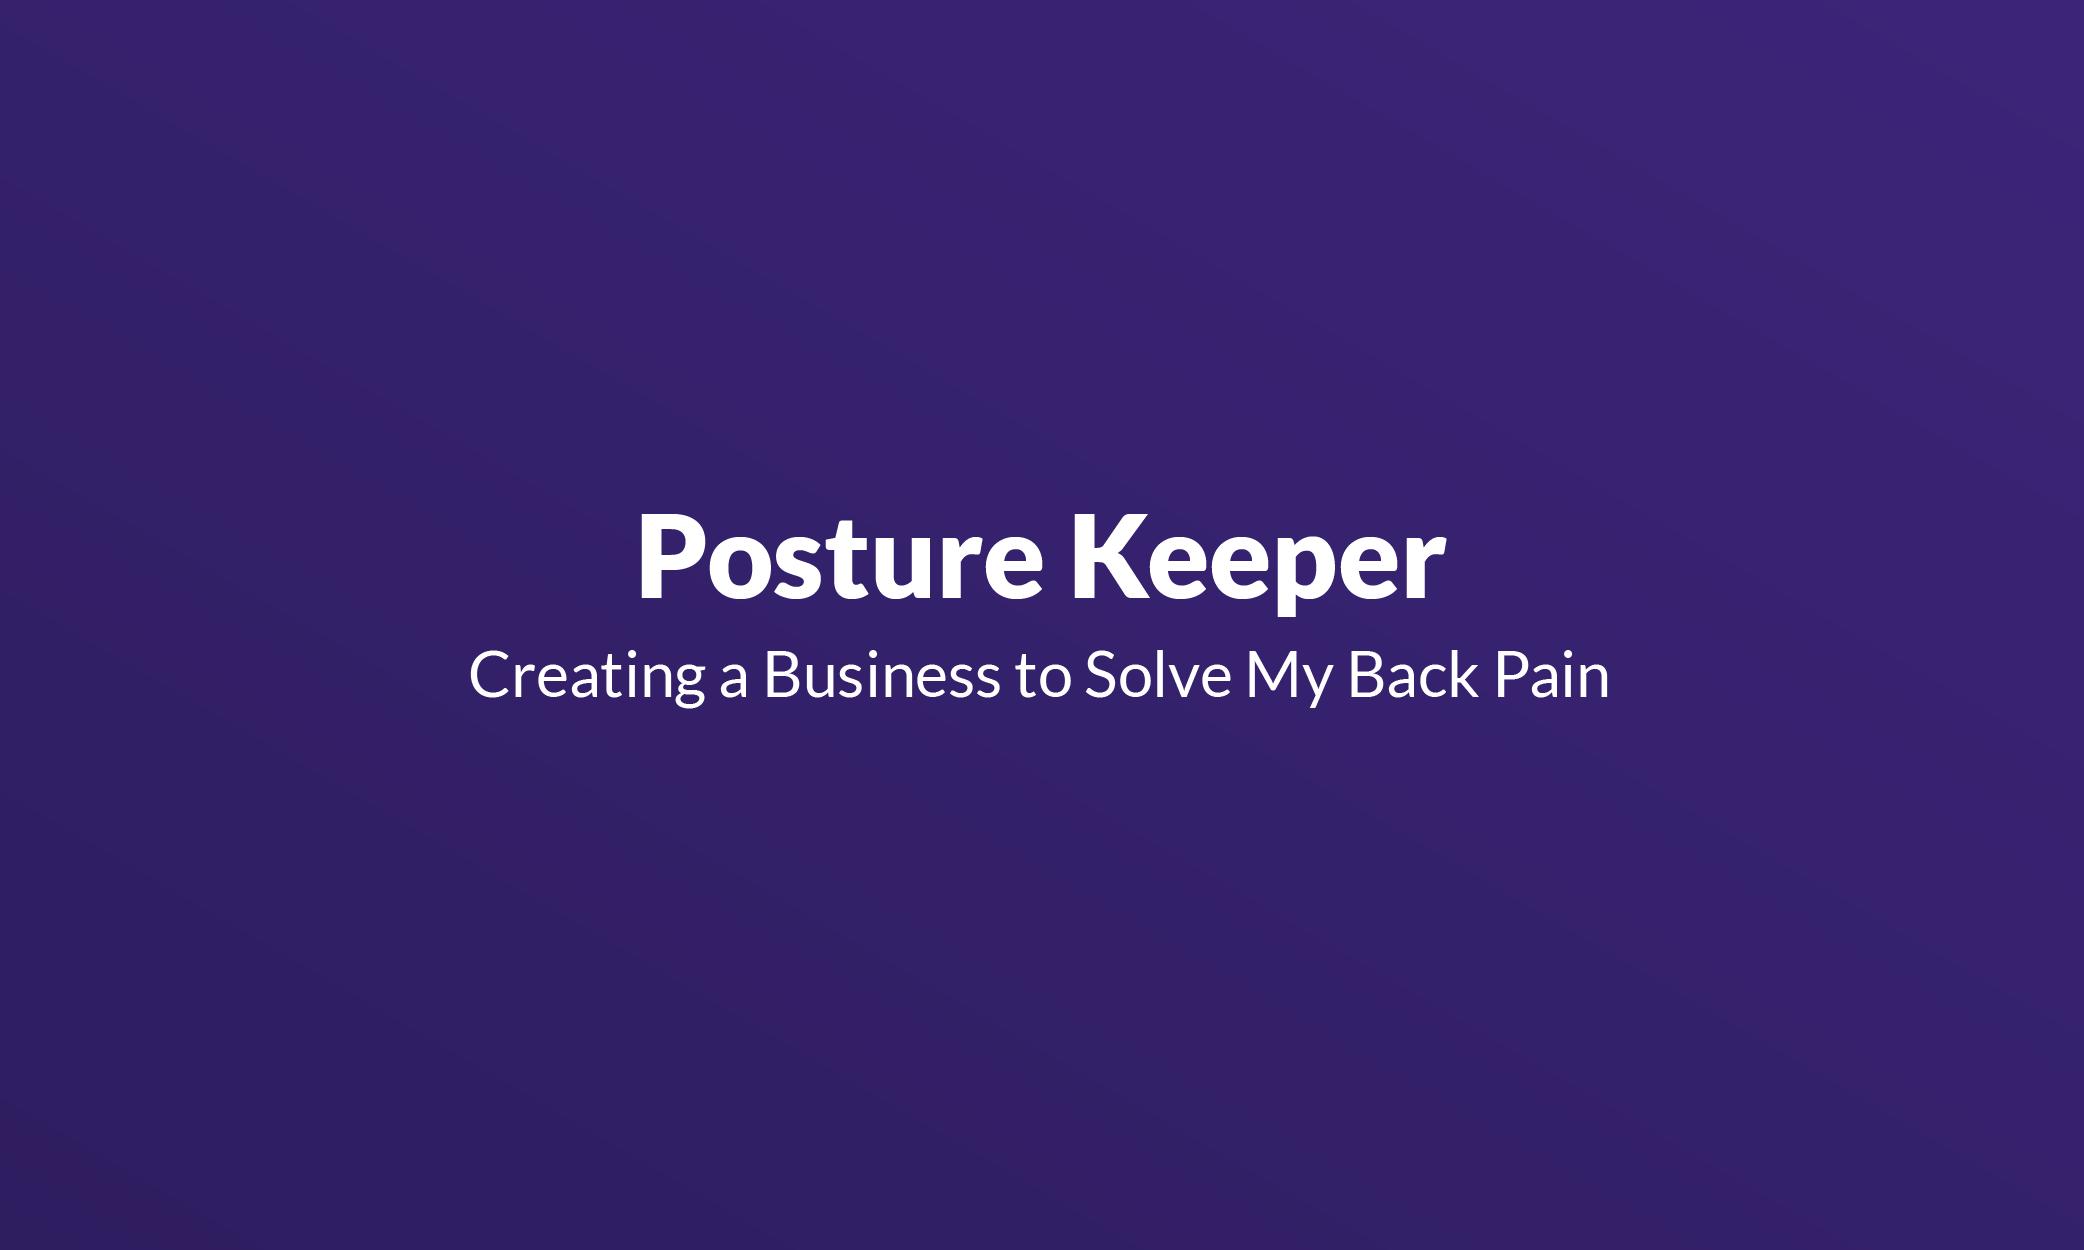 Posture Keeper Mistakes